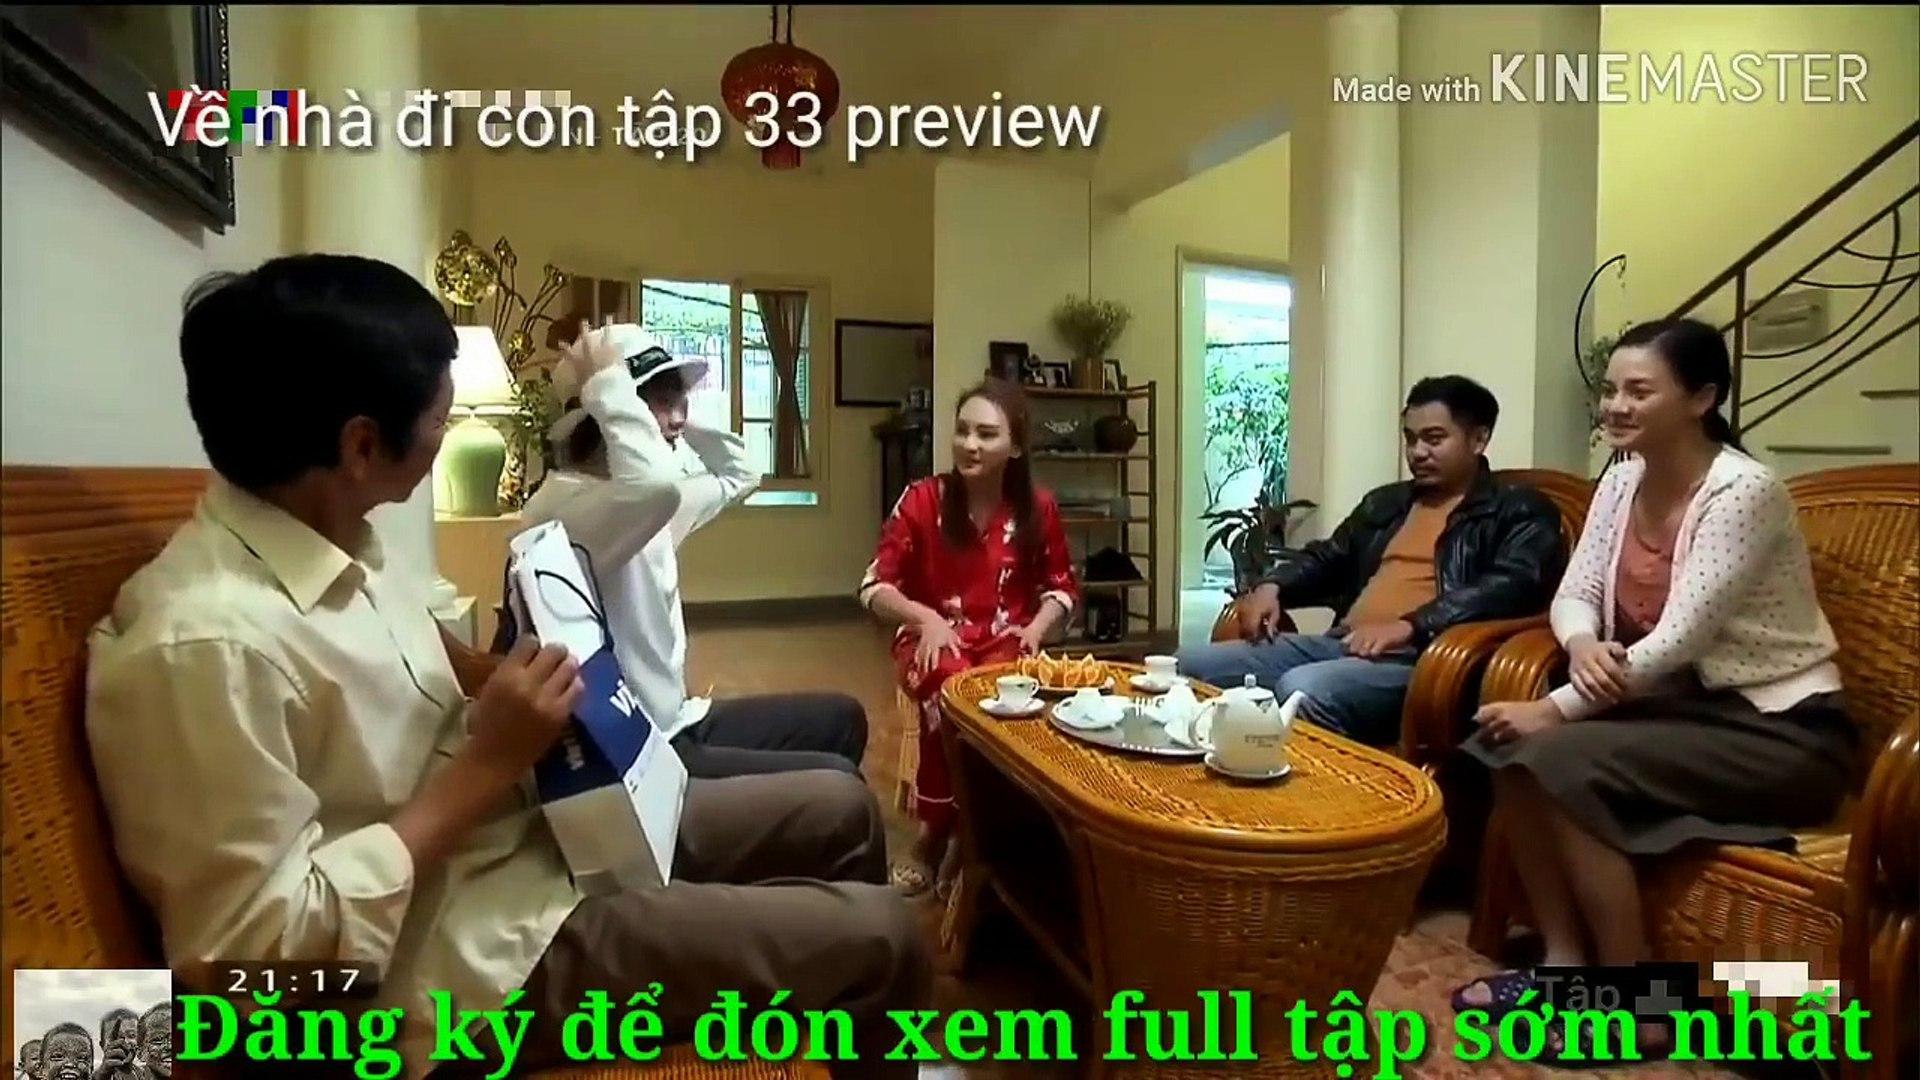 Về Nhà Đi Con Tập 33 preview